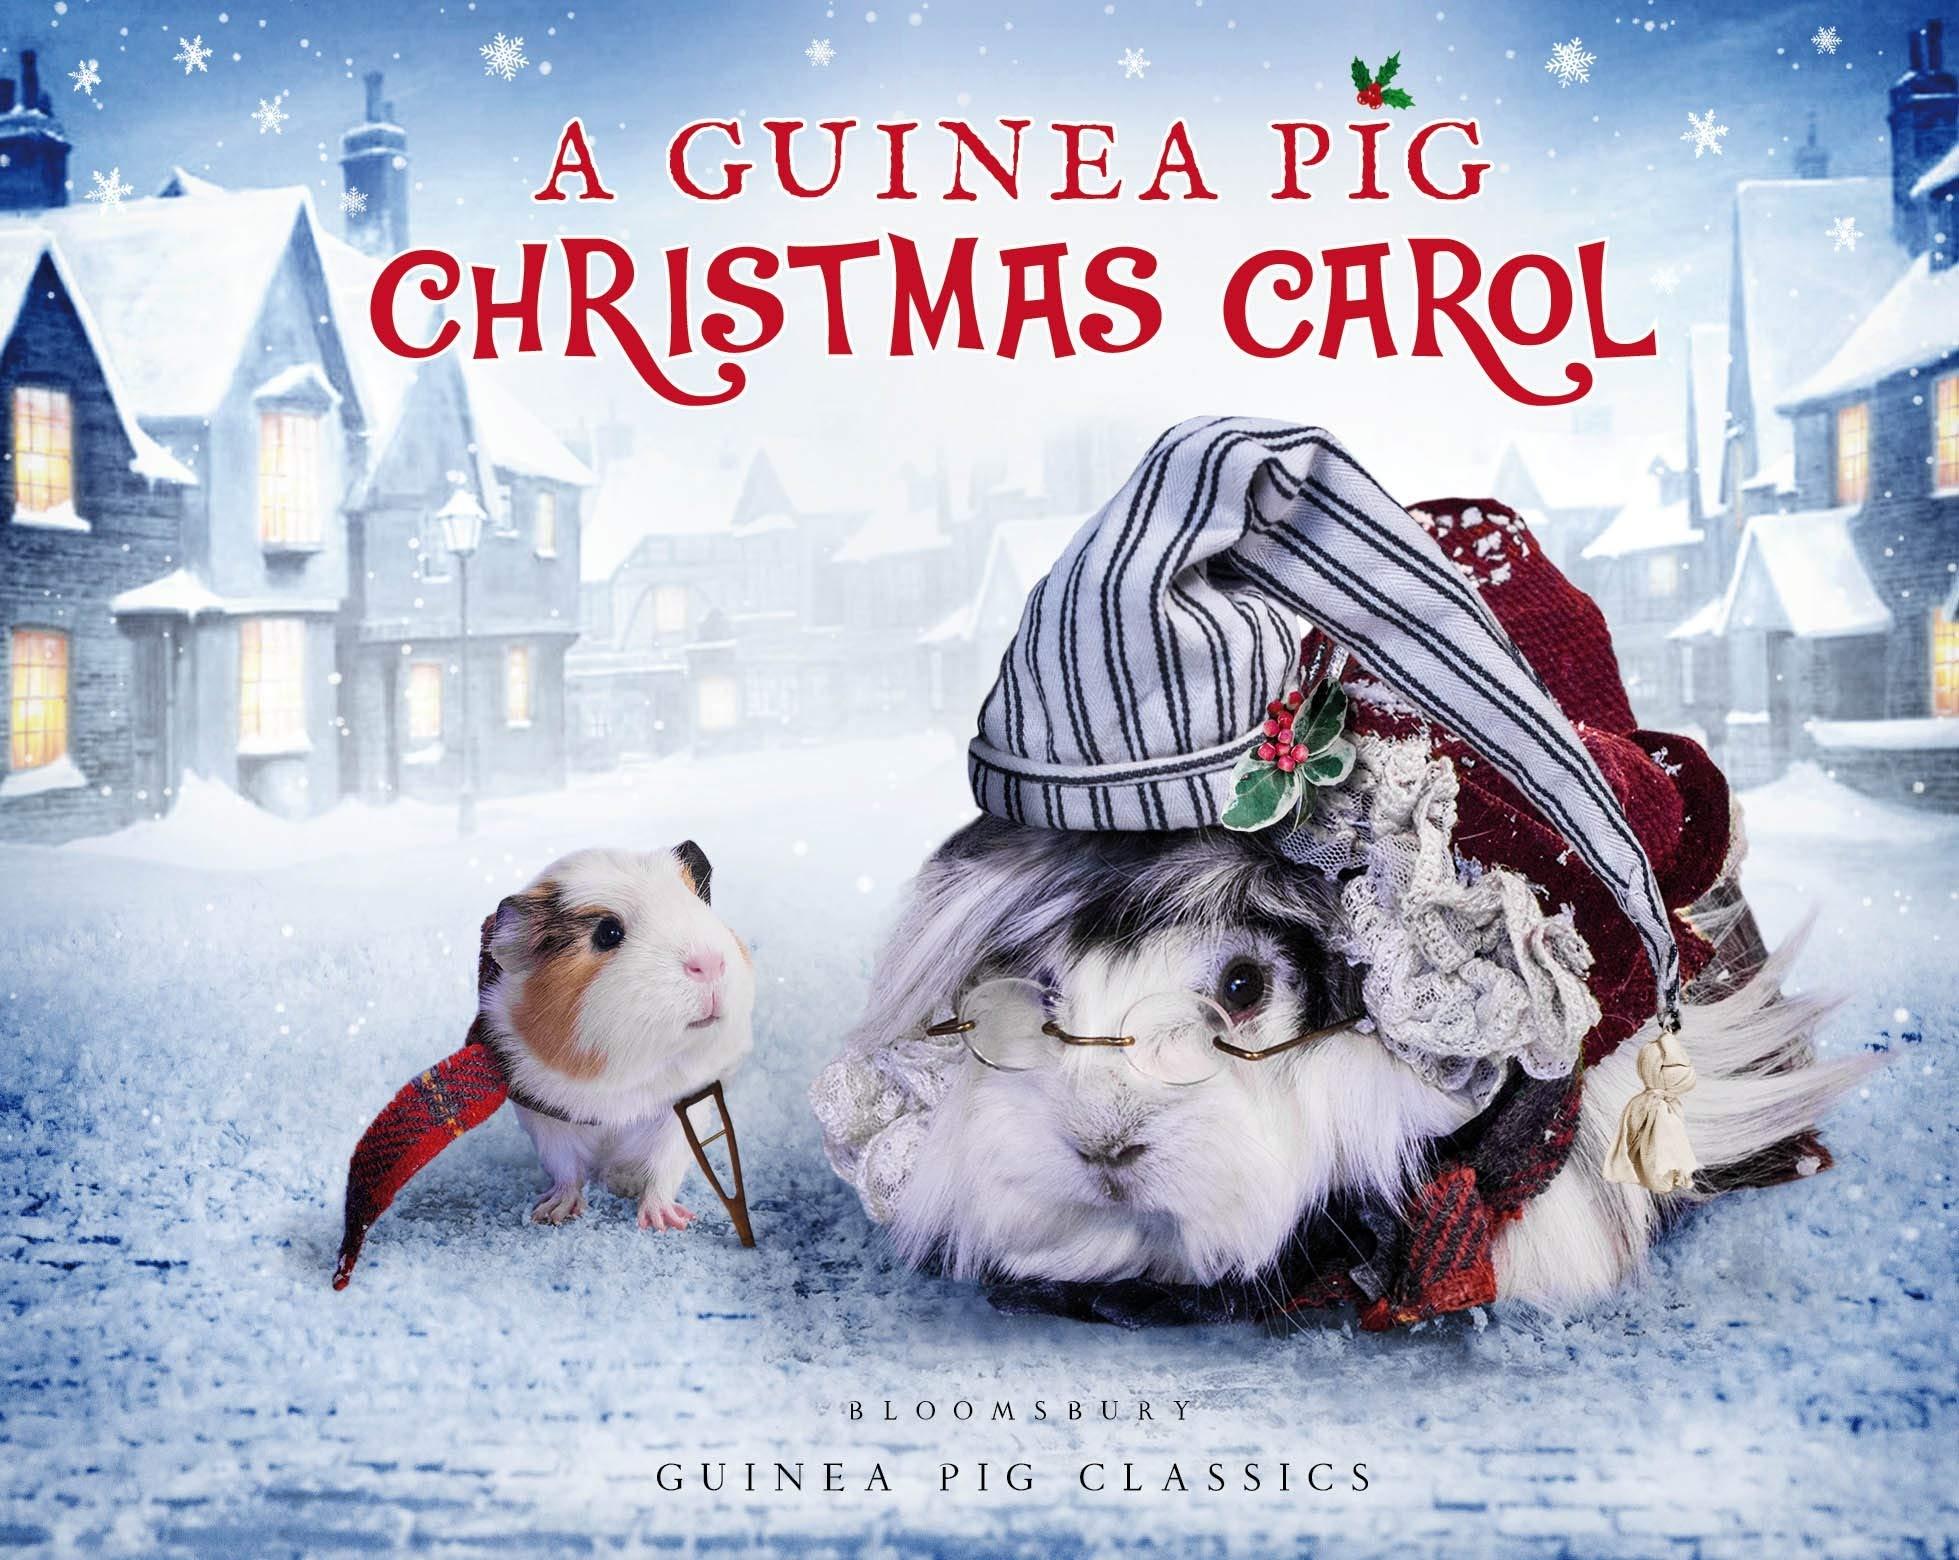 A Guinea Pig Christmas Carol (Guinea Pig Classics)